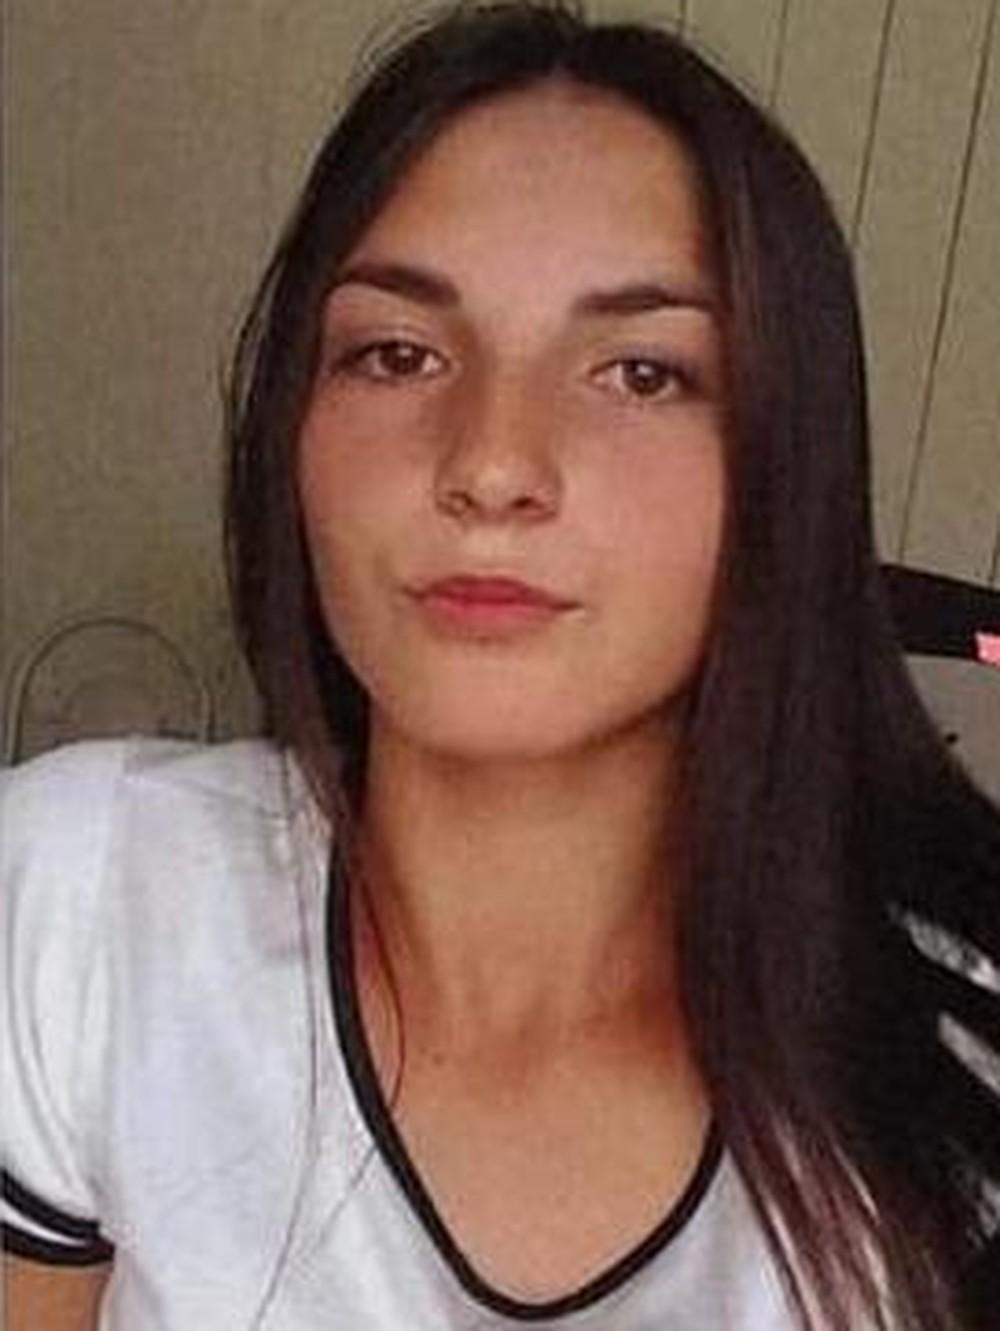 Adolescente que estava desaparecida é encontrada morta e enterrada, em Prudentópolis